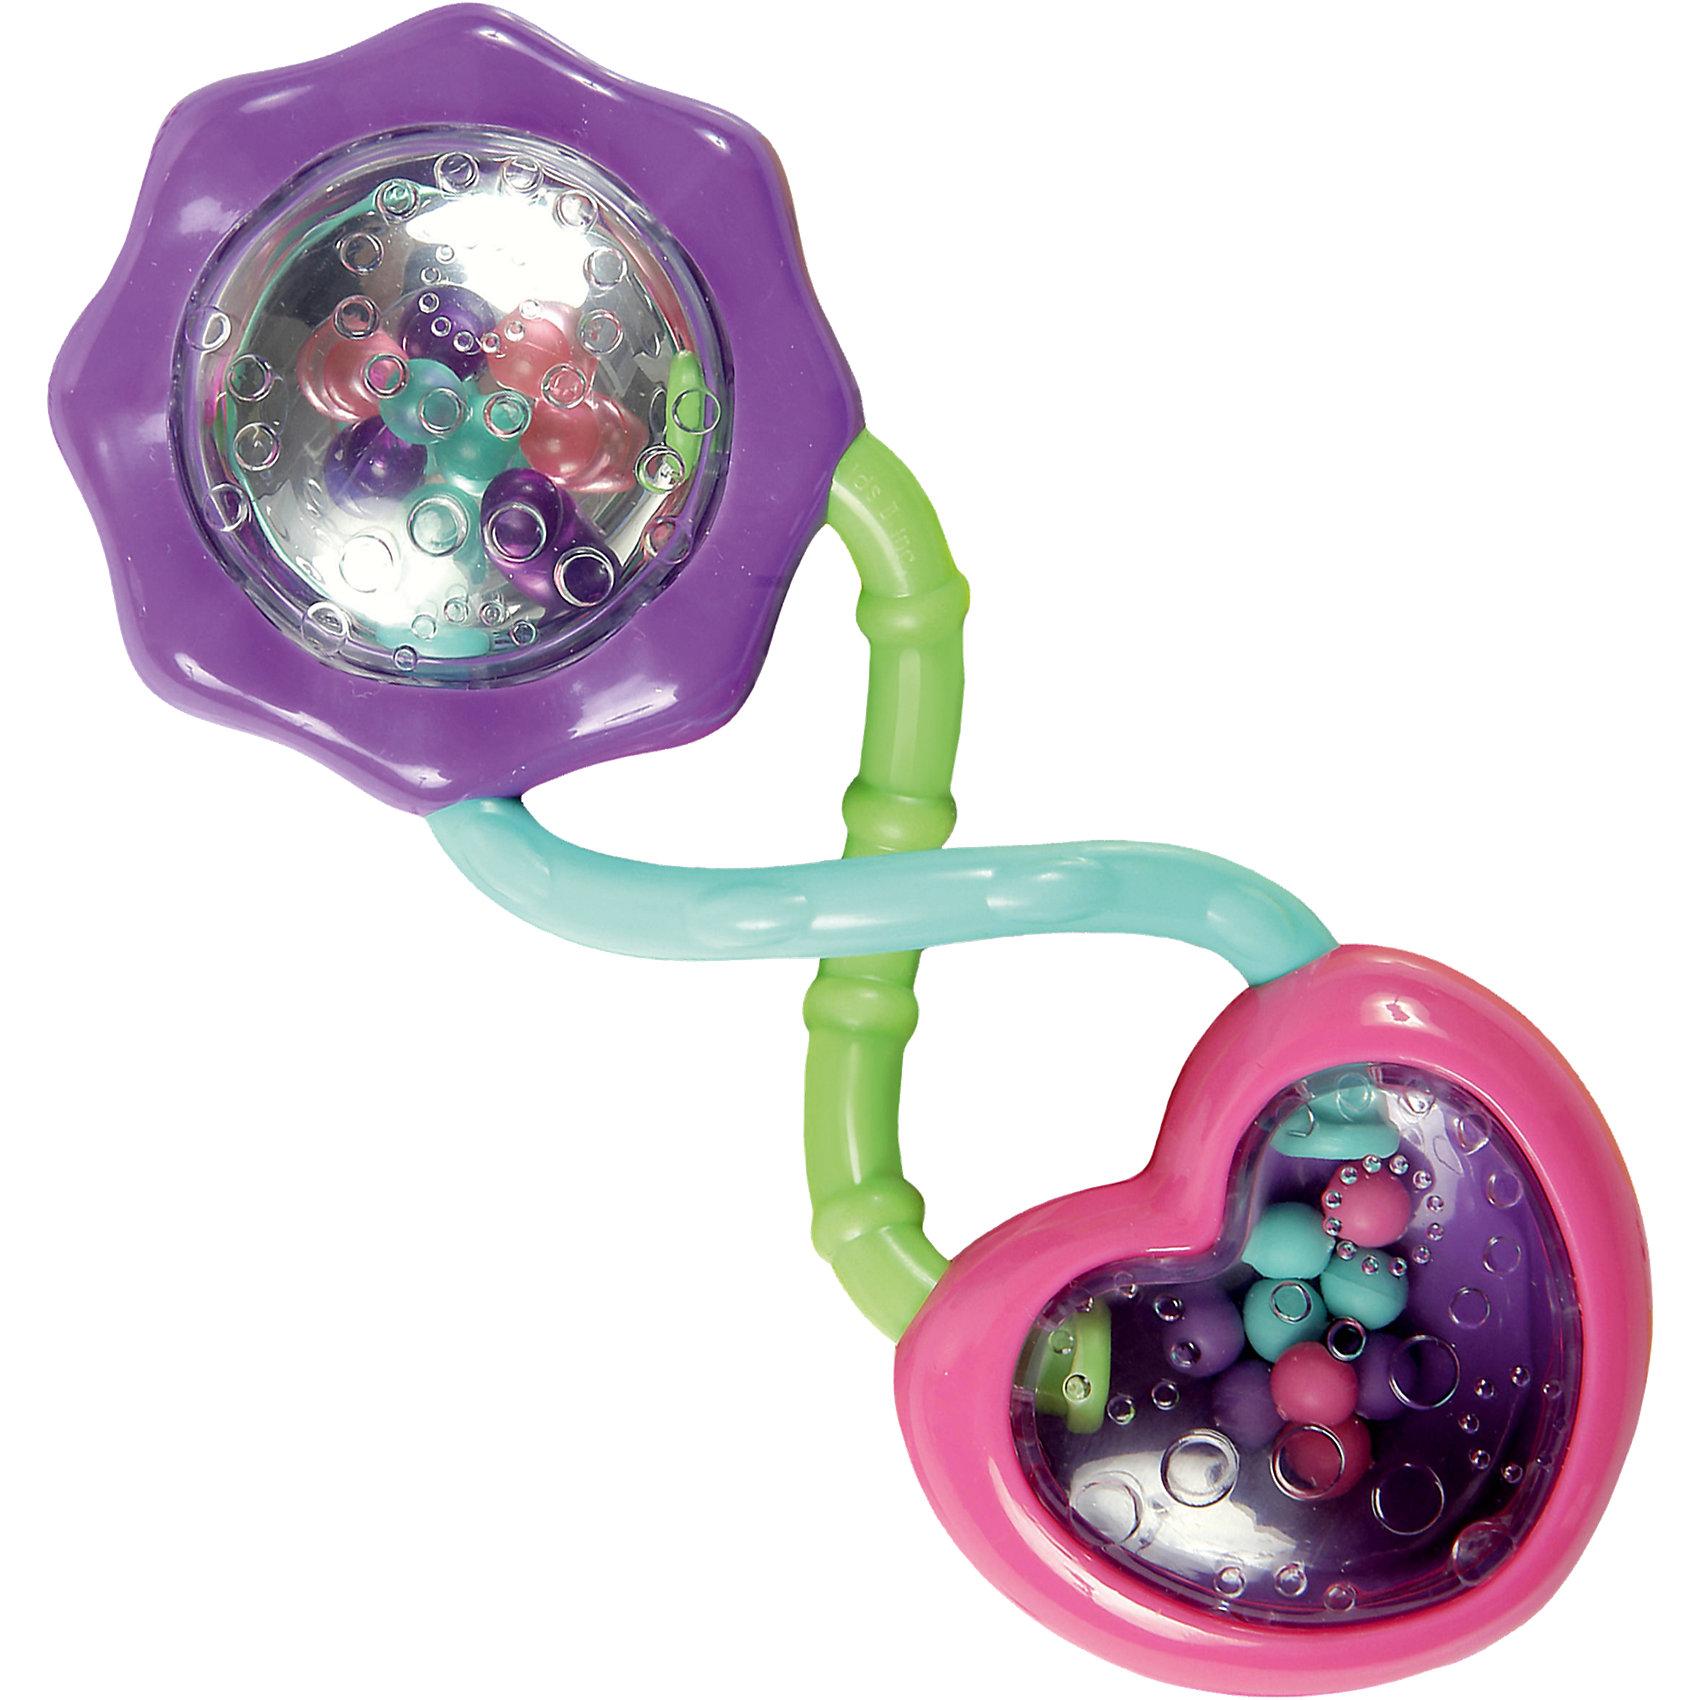 Развивающая игрушка Розовый калейдоскоп Bright StartsИгрушки-антистресс<br>Яркая погремушка создаст хорошее настроение у малышки и станет её любимицей!<br><br>ОСОБЕННОСТИ<br>Погремушка с разноцветными  шариками<br>Различные текстуры<br>Разноцветные шарики отражаются в зеркальной поверхности<br><br>РАЗМЕРЫ<br> размеры товара: 5 * 4 * 14,5 см<br> размеры коробки: 11,5 * 4 * 19 см<br><br>Развивающая игрушка Розовый калейдоскоп Bright Starts (Брайт Стартс) можно купить в нашем интернет-магазине.<br><br>Ширина мм: 205<br>Глубина мм: 98<br>Высота мм: 35<br>Вес г: 48<br>Возраст от месяцев: 3<br>Возраст до месяцев: 12<br>Пол: Женский<br>Возраст: Детский<br>SKU: 2225526